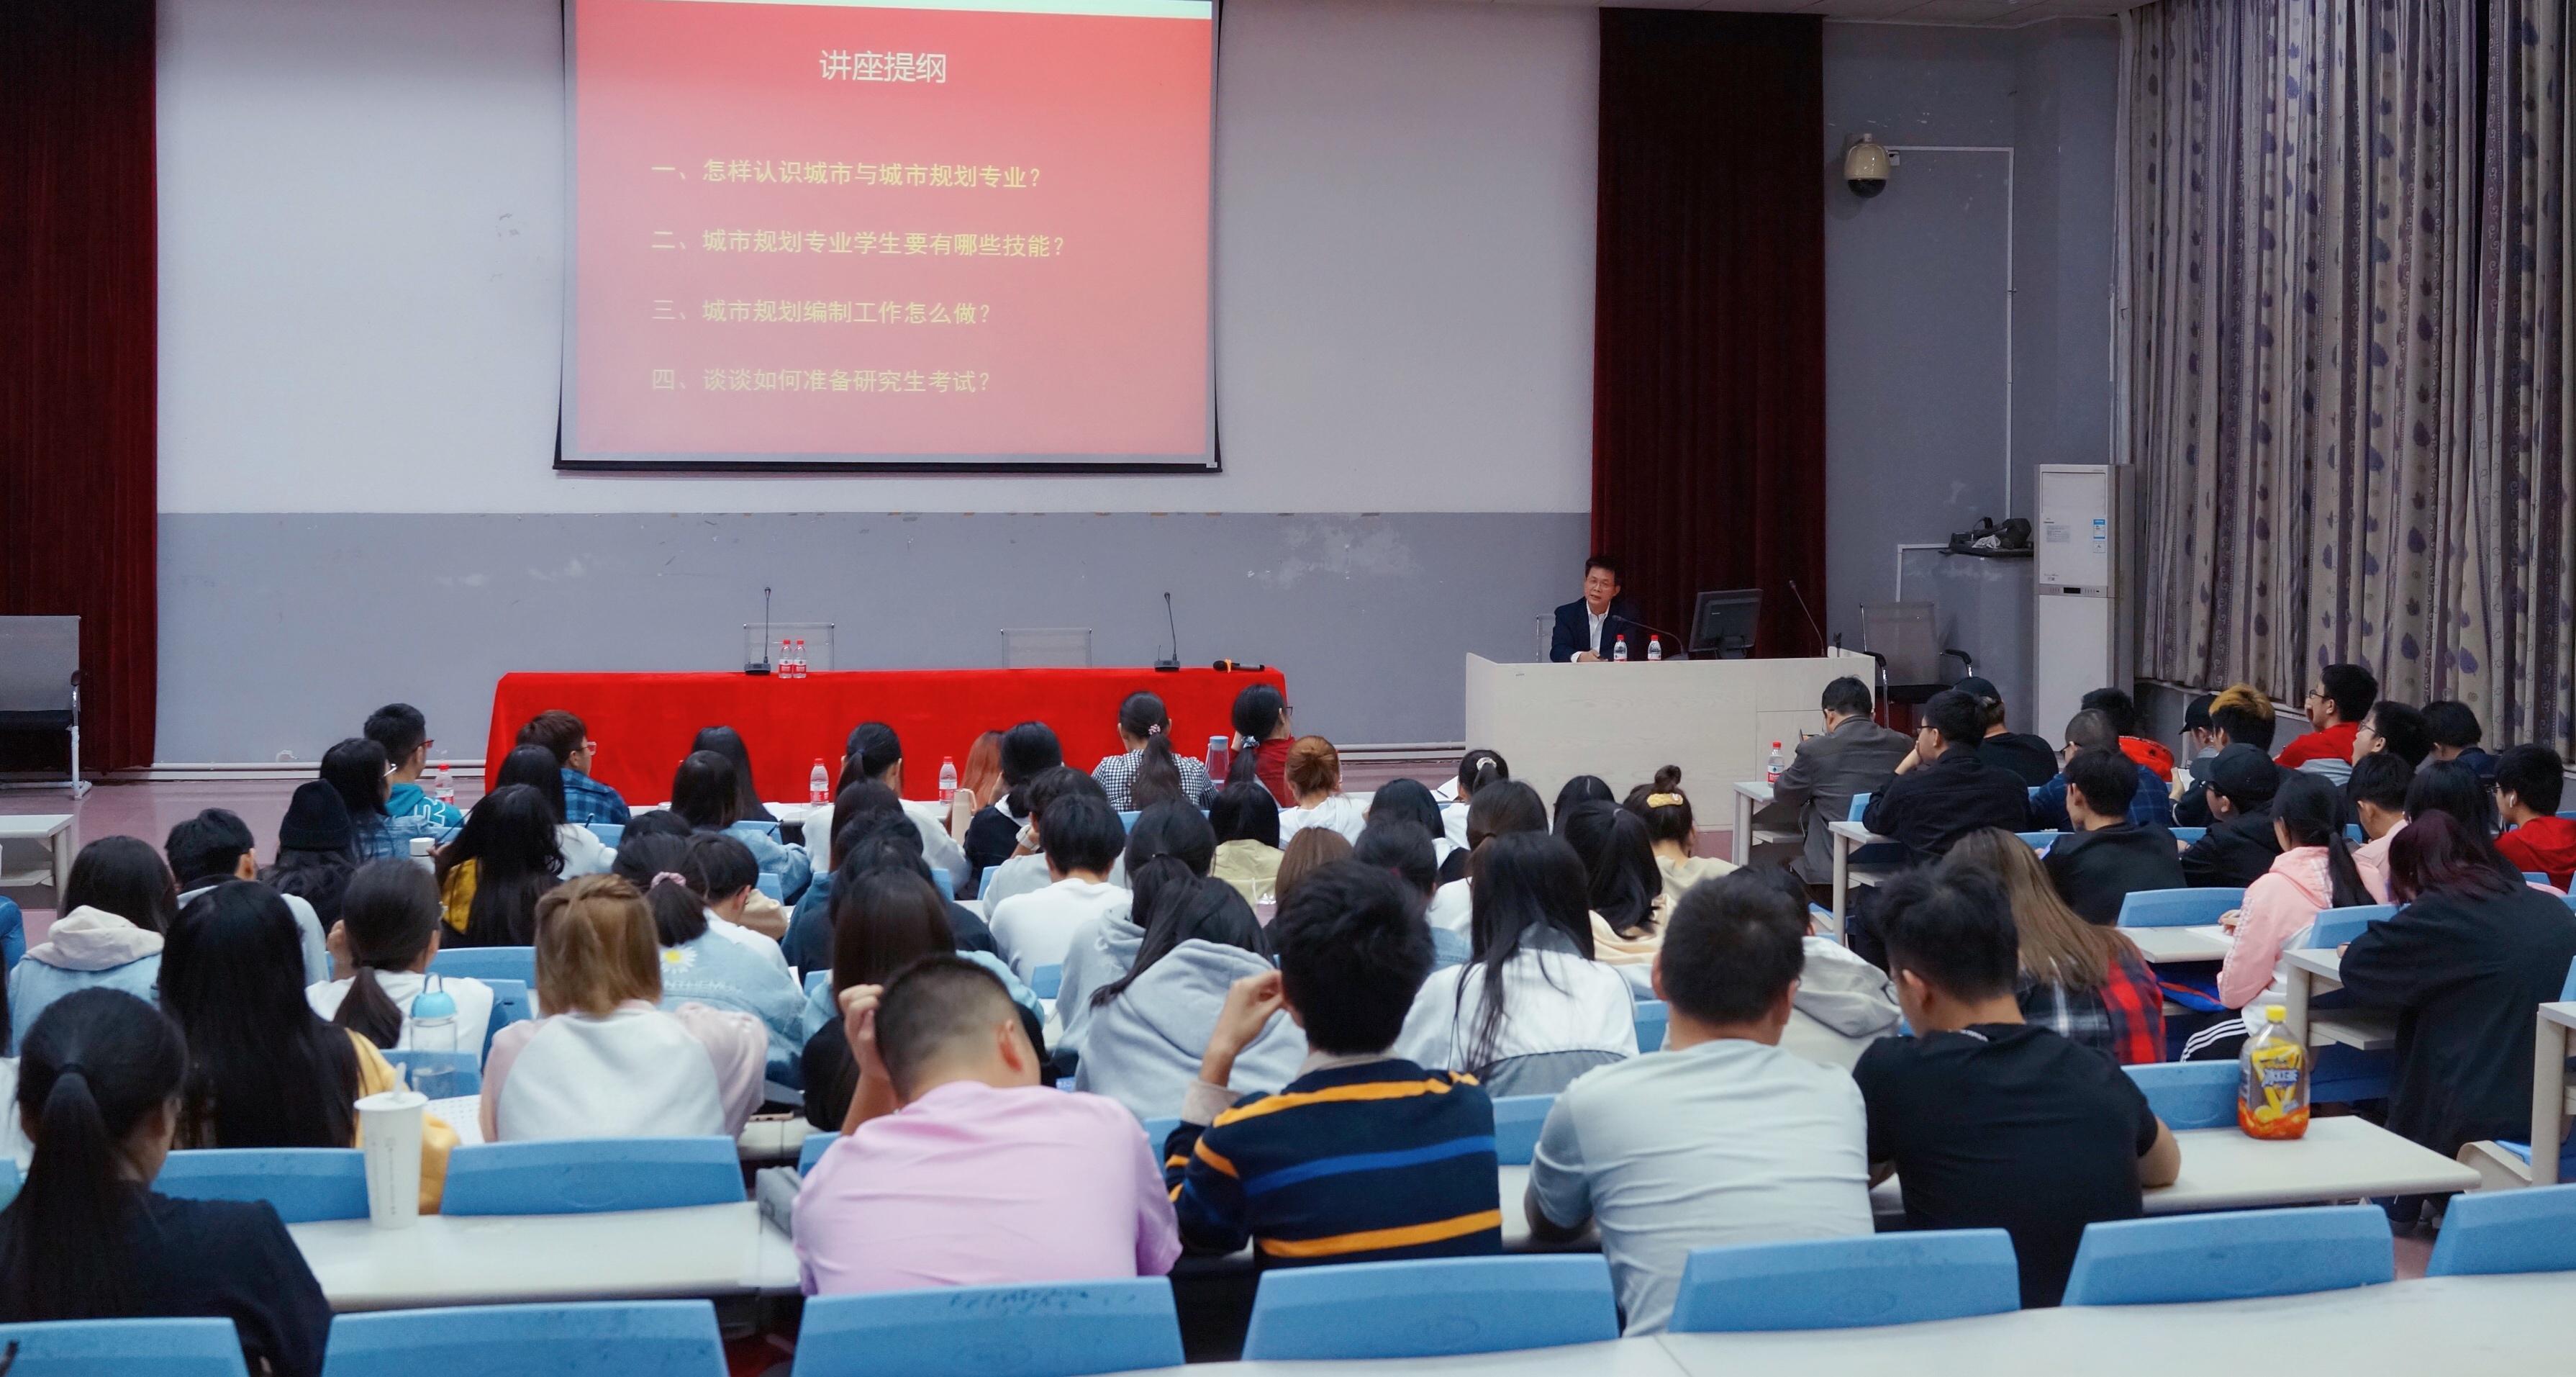 海南省旅游和文化广电体育厅周安伟教授来我院做学术报告